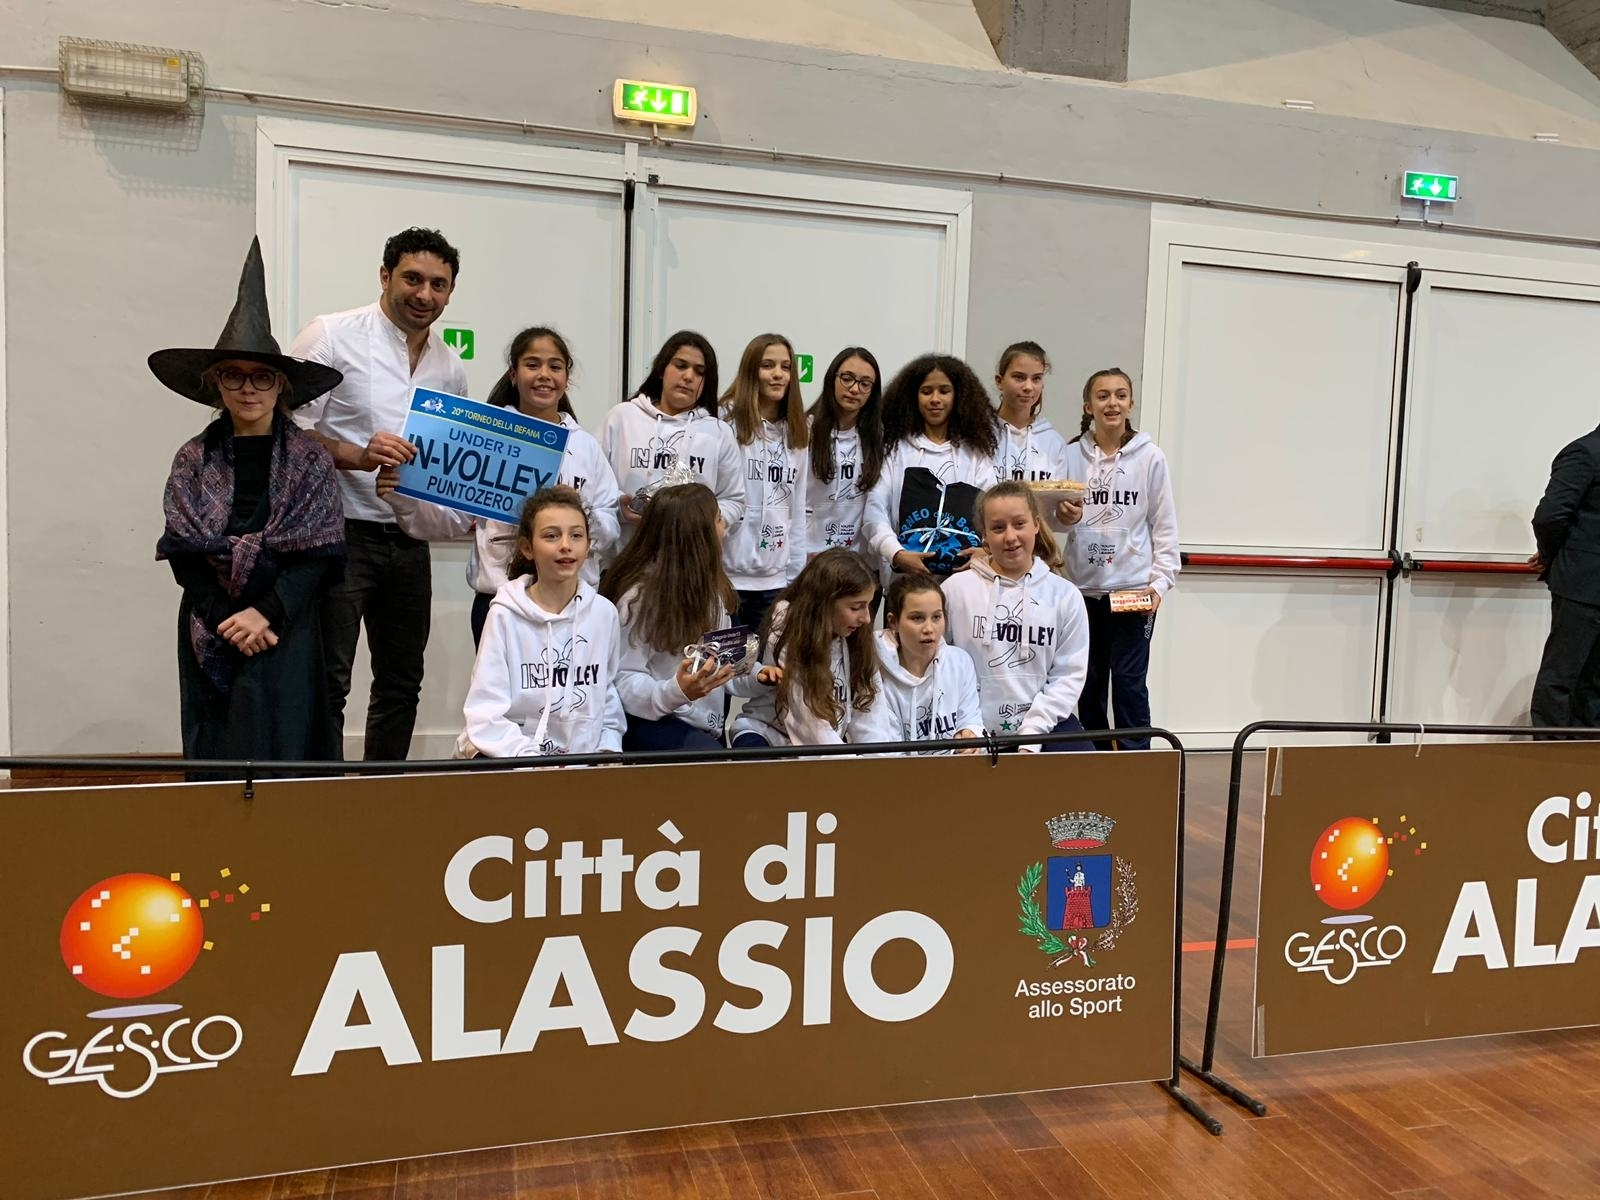 2019-01-05-U12-Alassio-011